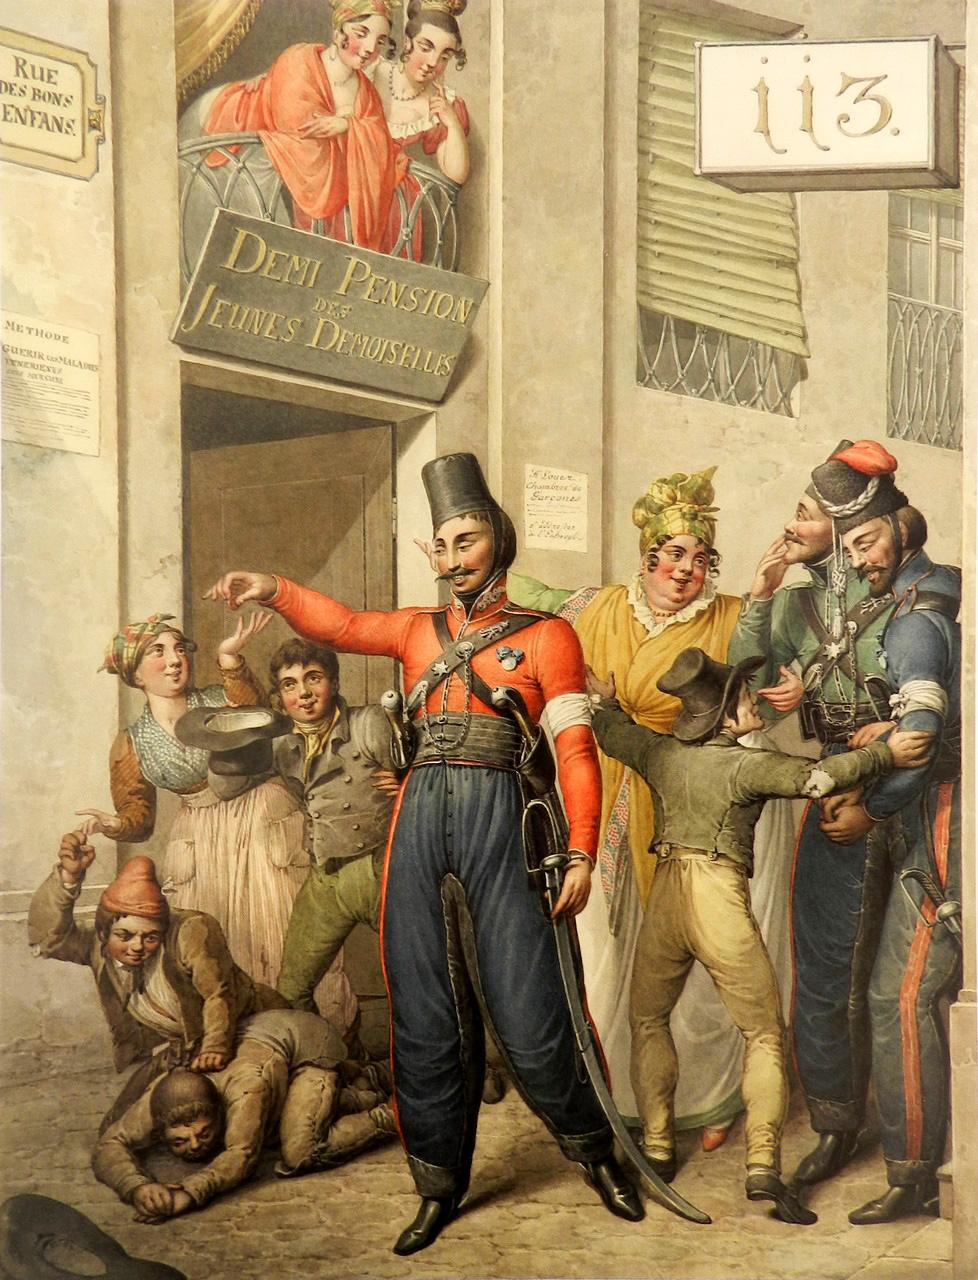 23. Русские казаки на улице «Rue des bons enfans»